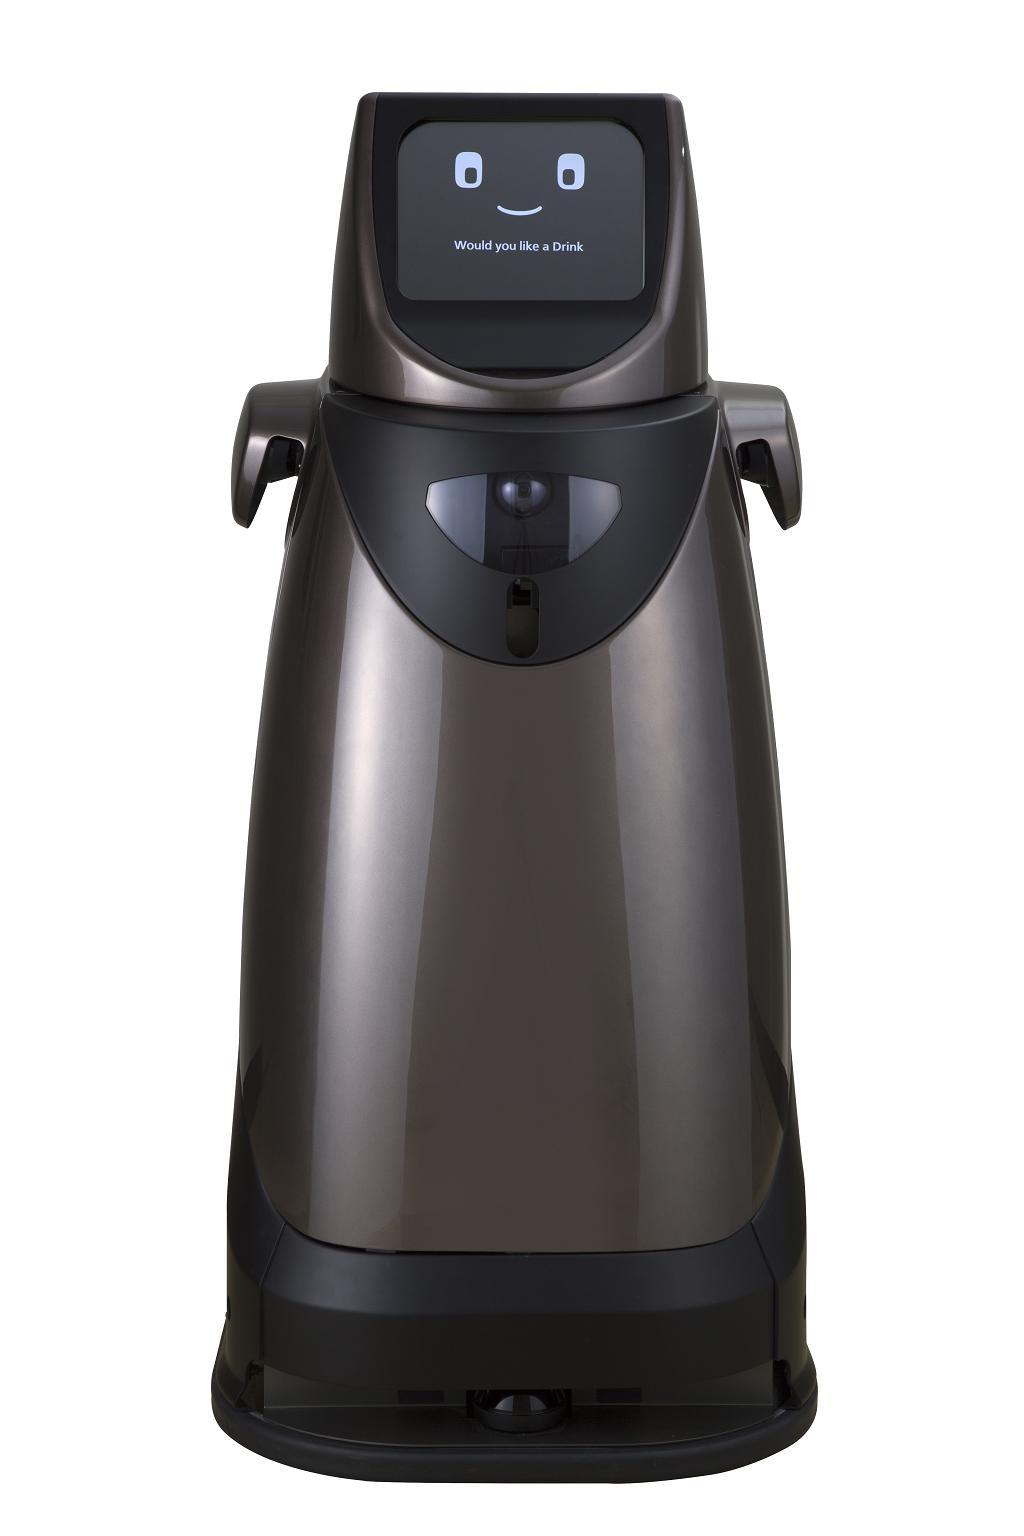 自律搬送ロボット「HOSPI(R)」(正面)